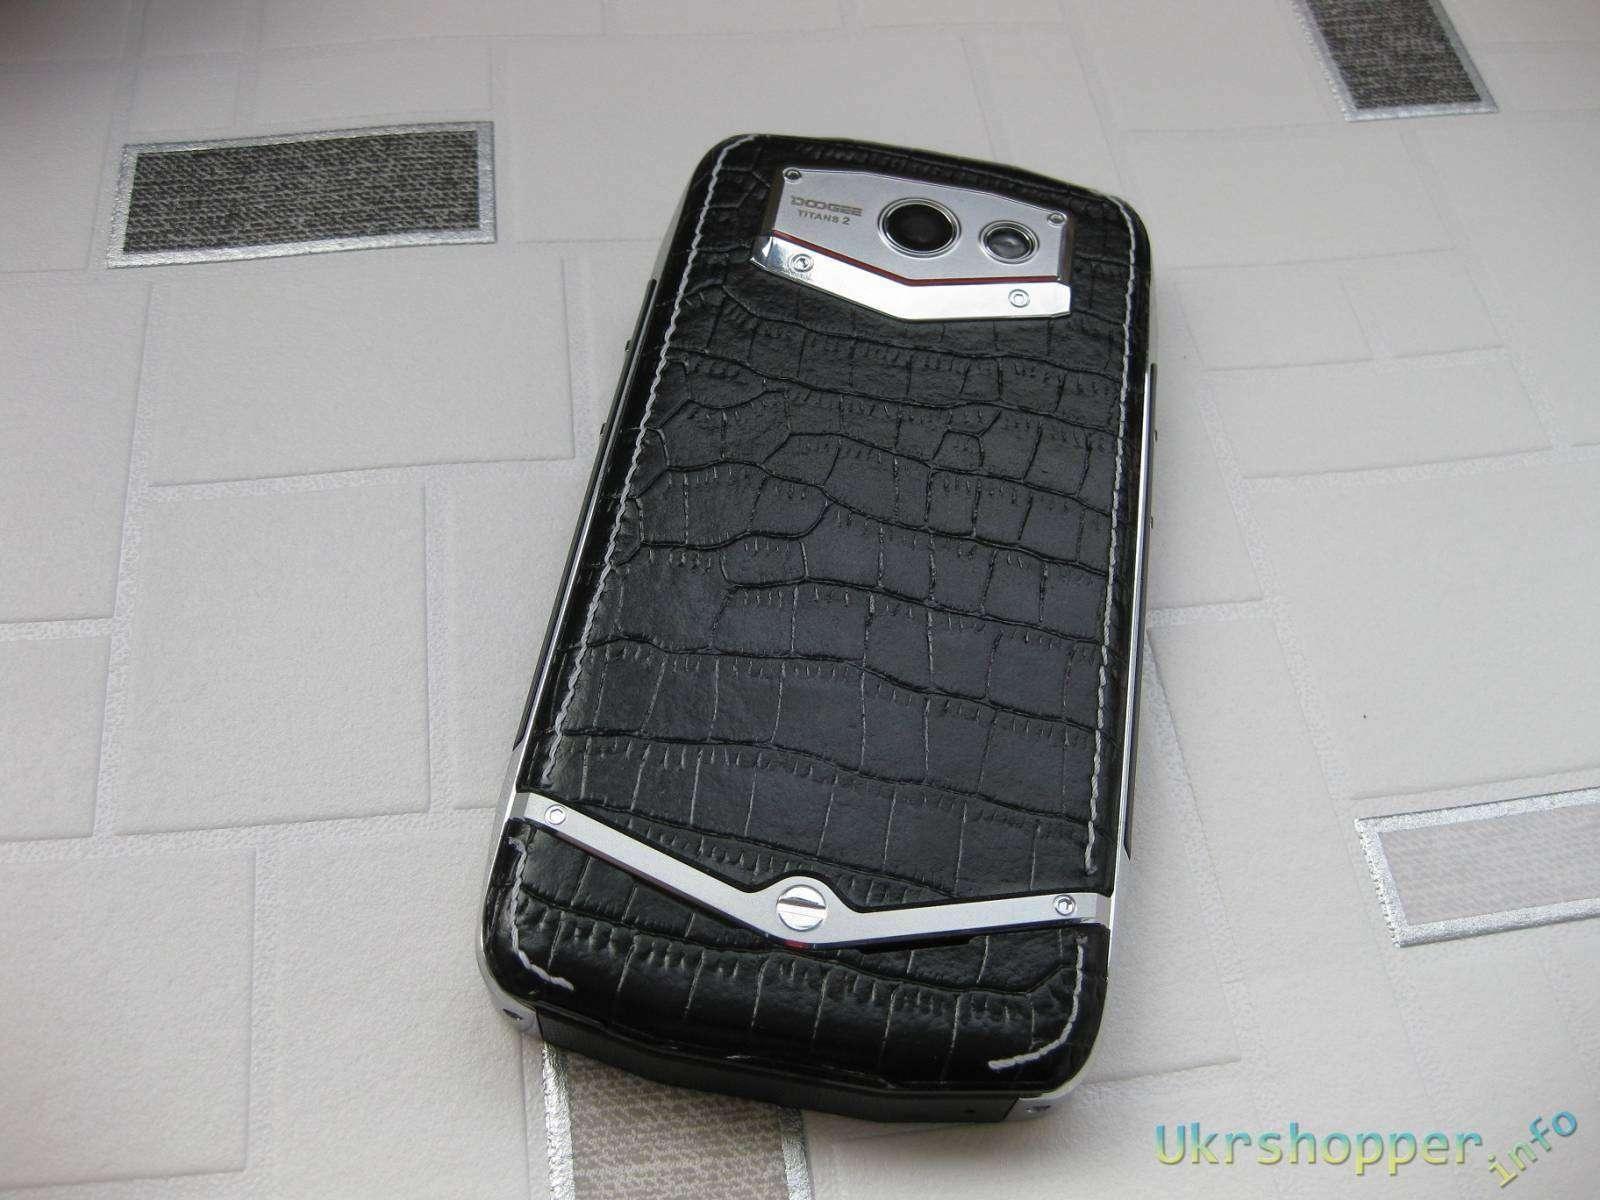 Banggood: Doogee DG 700 Titans 2 - защищенный смартфон, обзор с crash тестом.